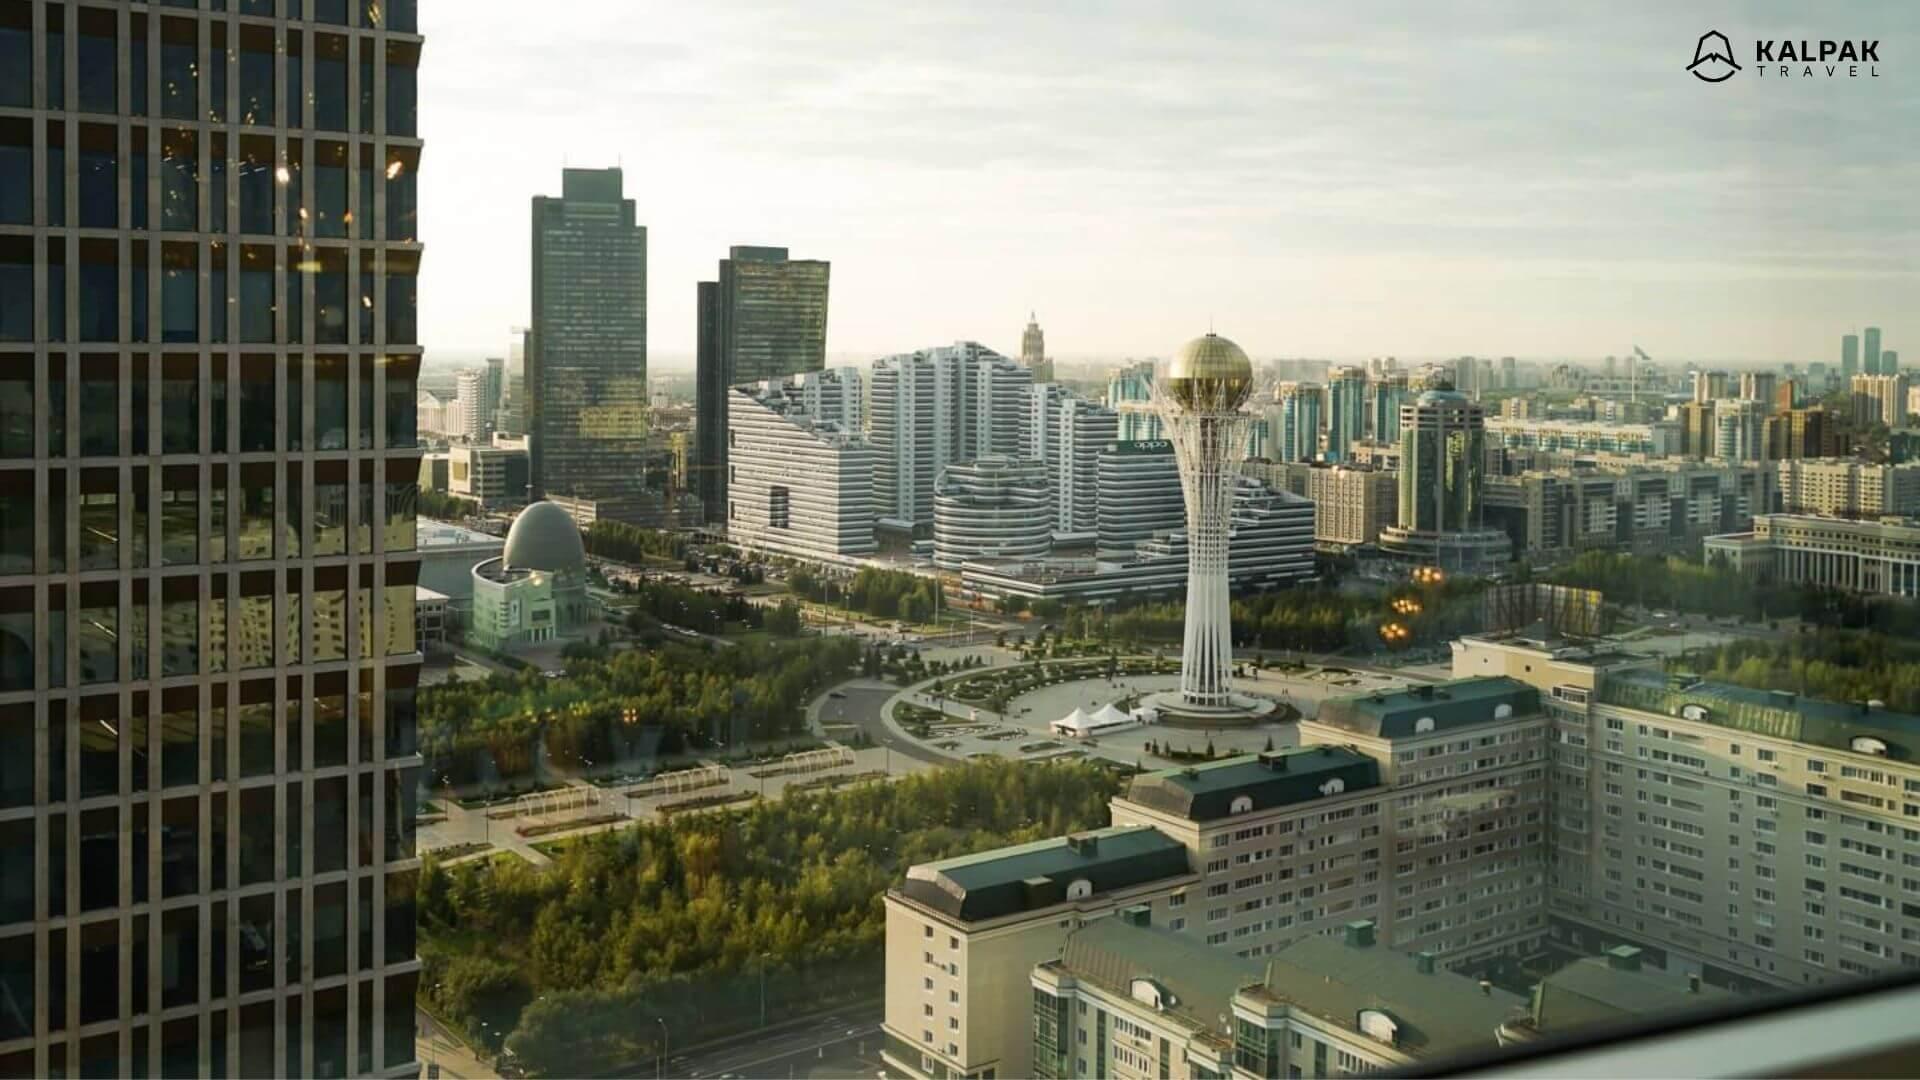 Nursultan ist die Hauptstadt von Kasachstan in Zentralasien